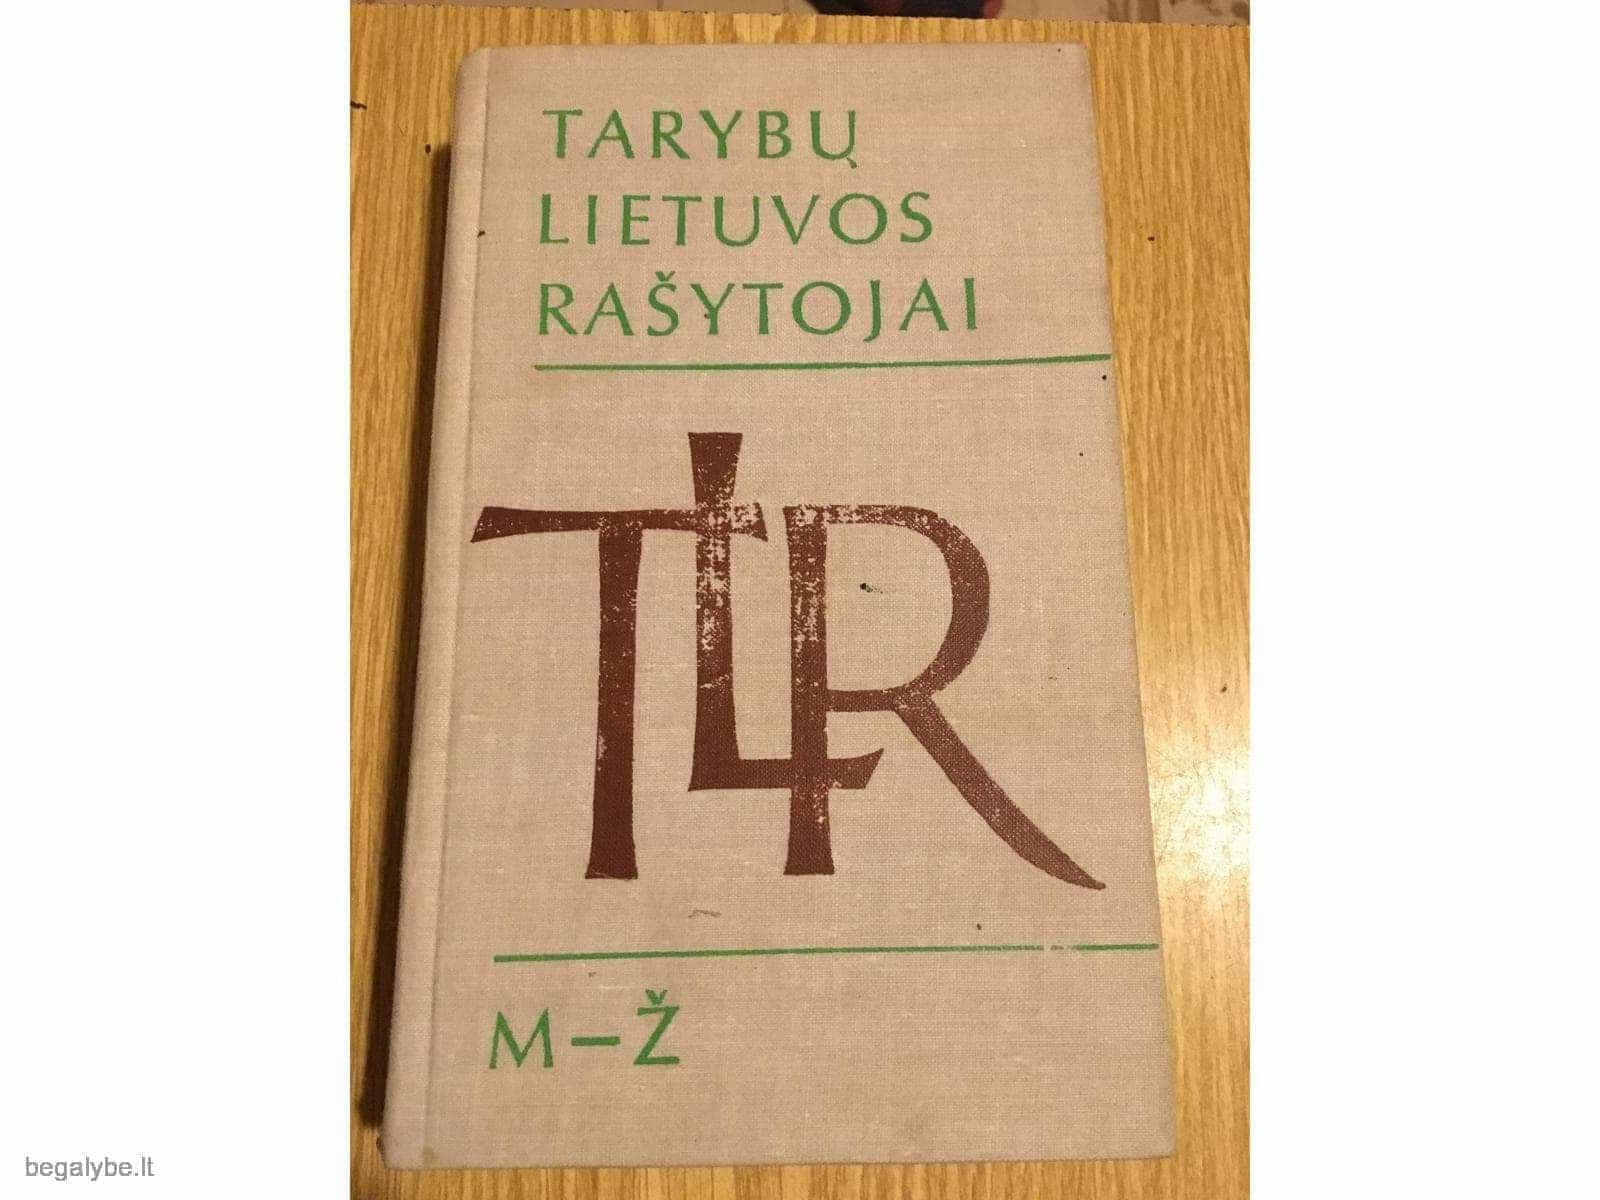 Tarybų Lietuvos rašytojai